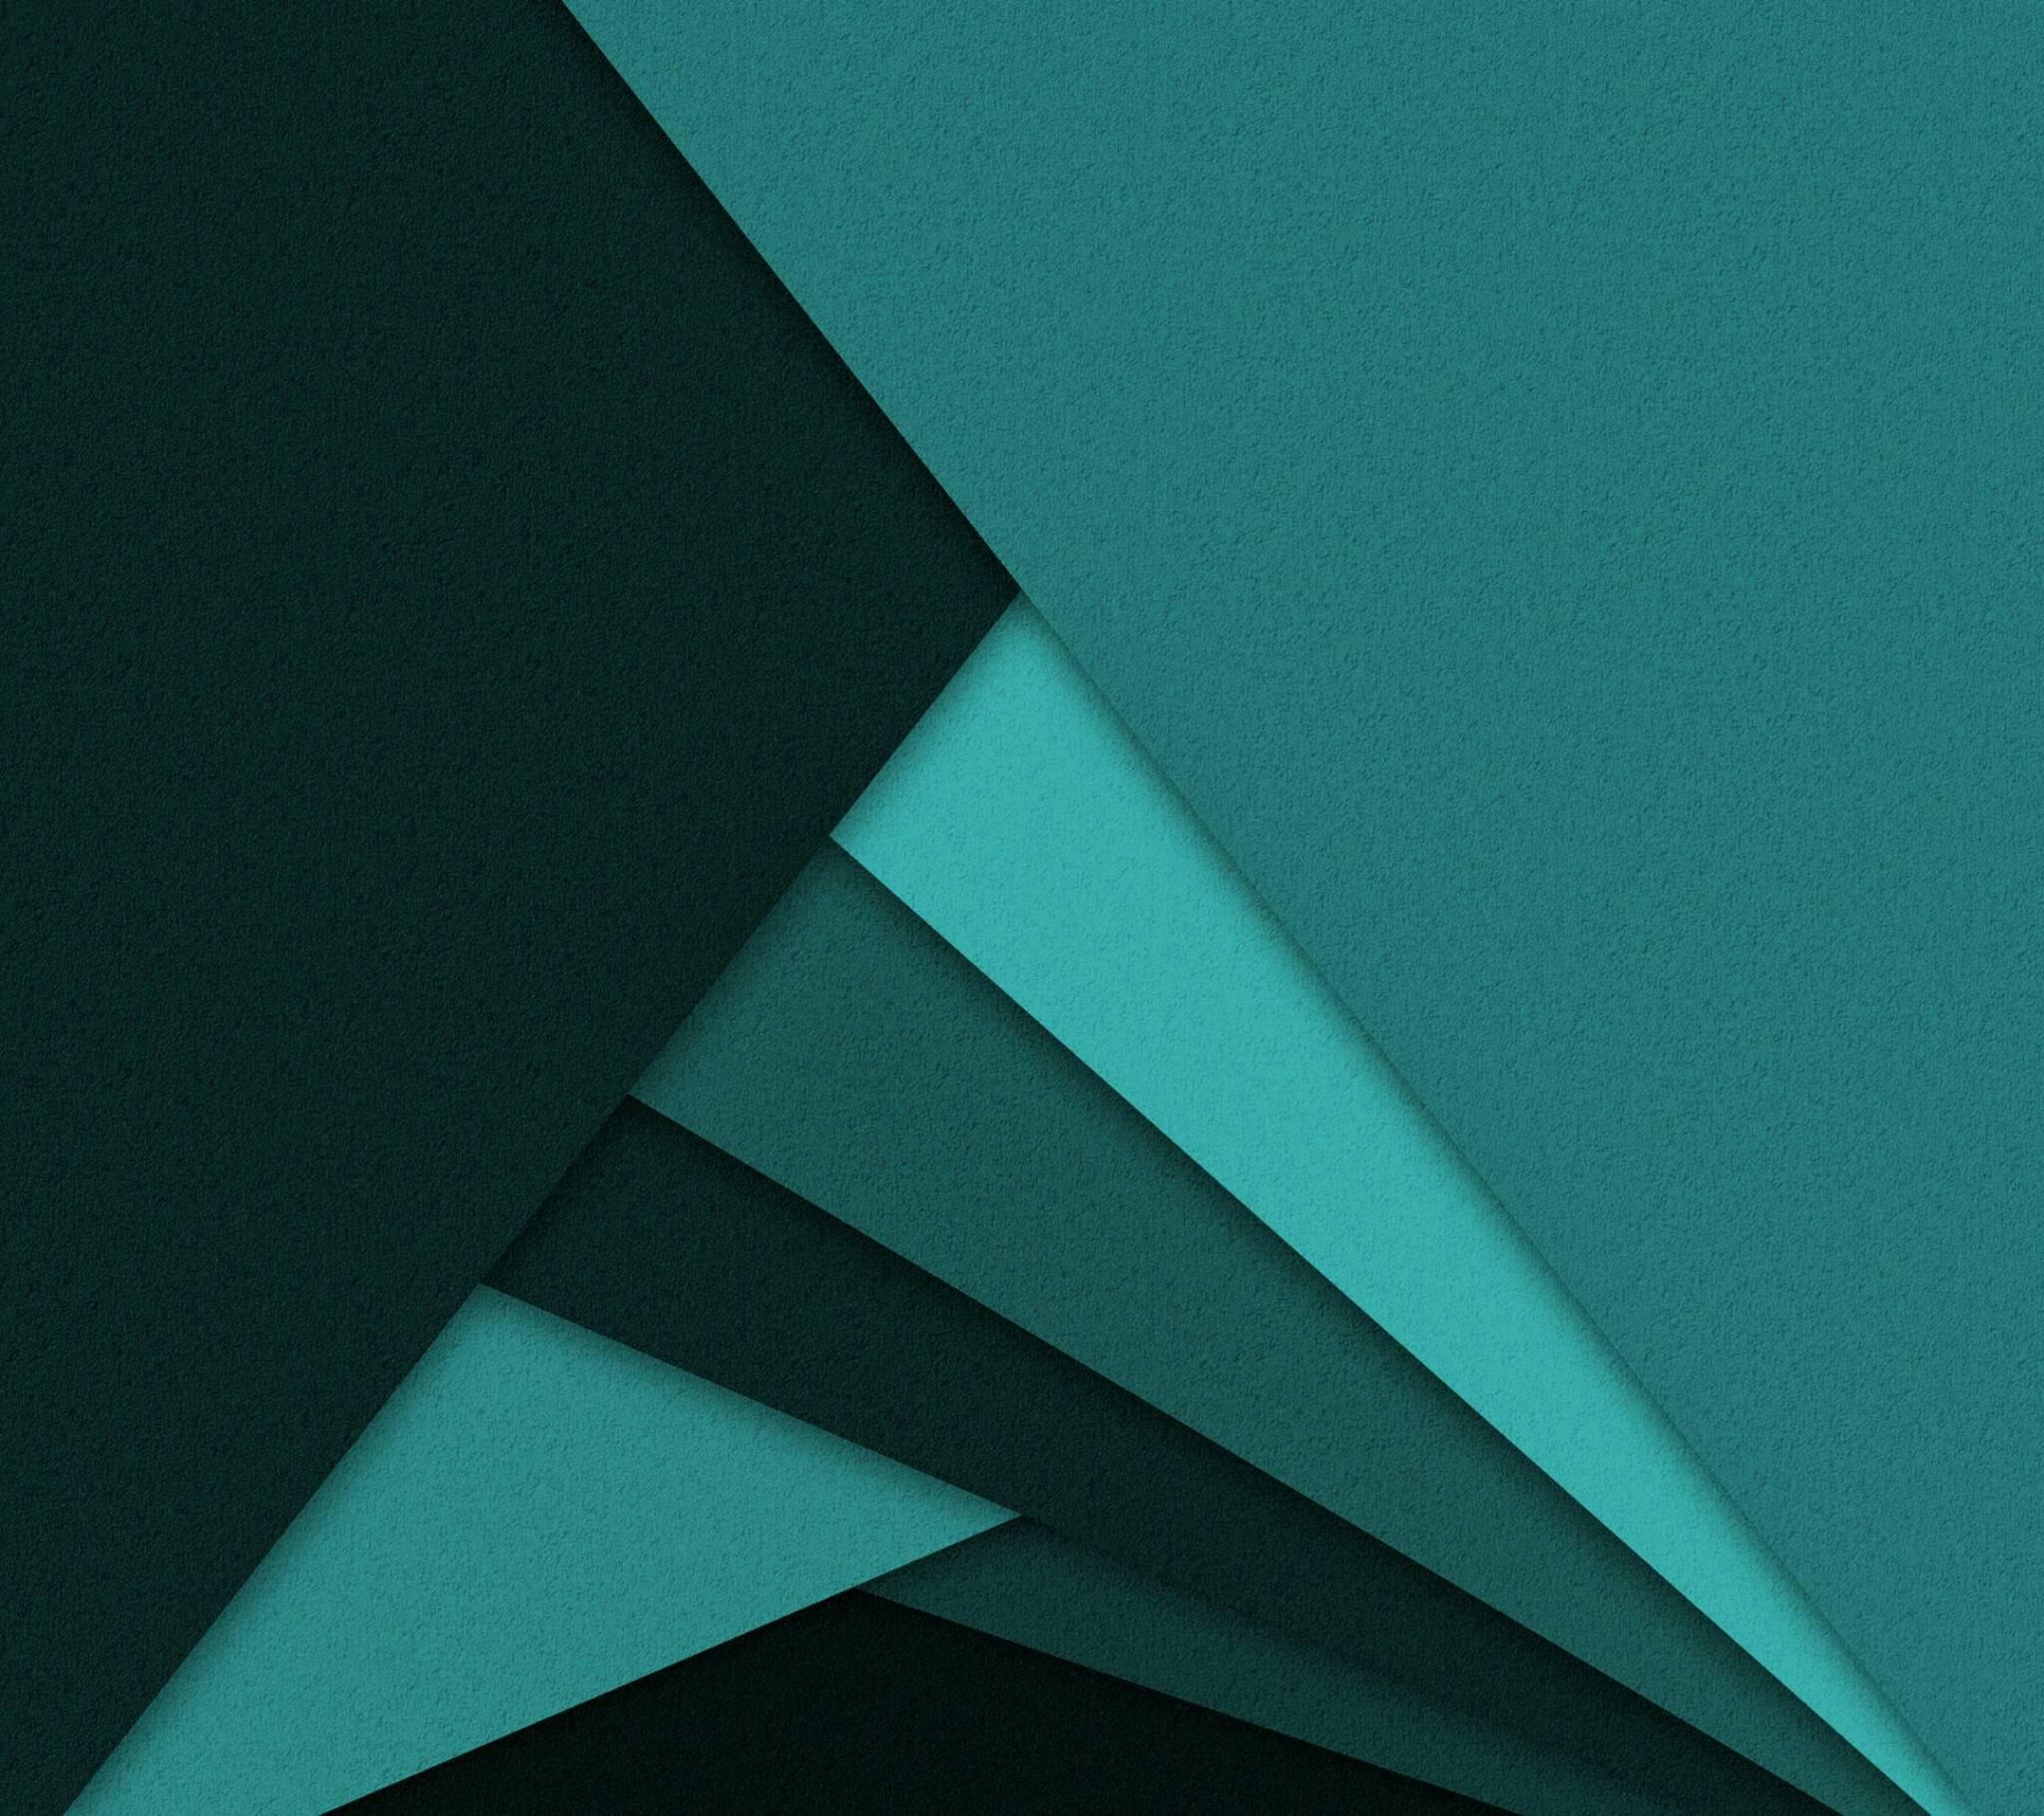 обои текстура, линии, фон, зеленый картинки фото